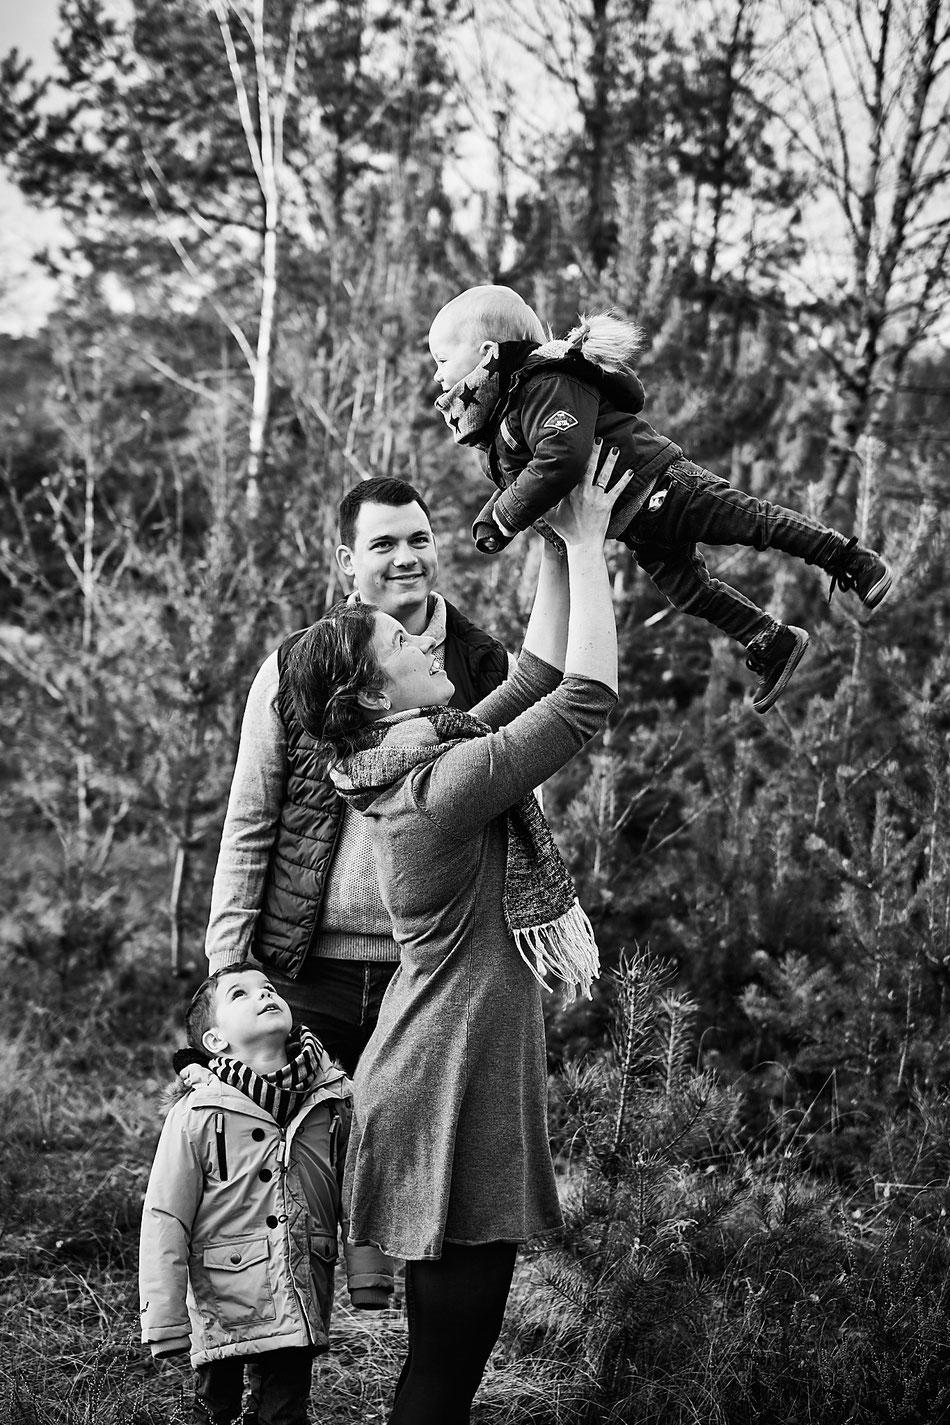 Familienfotografin Langwedel, Fotografin Achim, Familienfotografie Verden, Familienfotos, Familienfotografie, Familienfotograf, Fotoshooting Familie draussen, Bremen, Langwedel, Verden, Achim, Outdoor